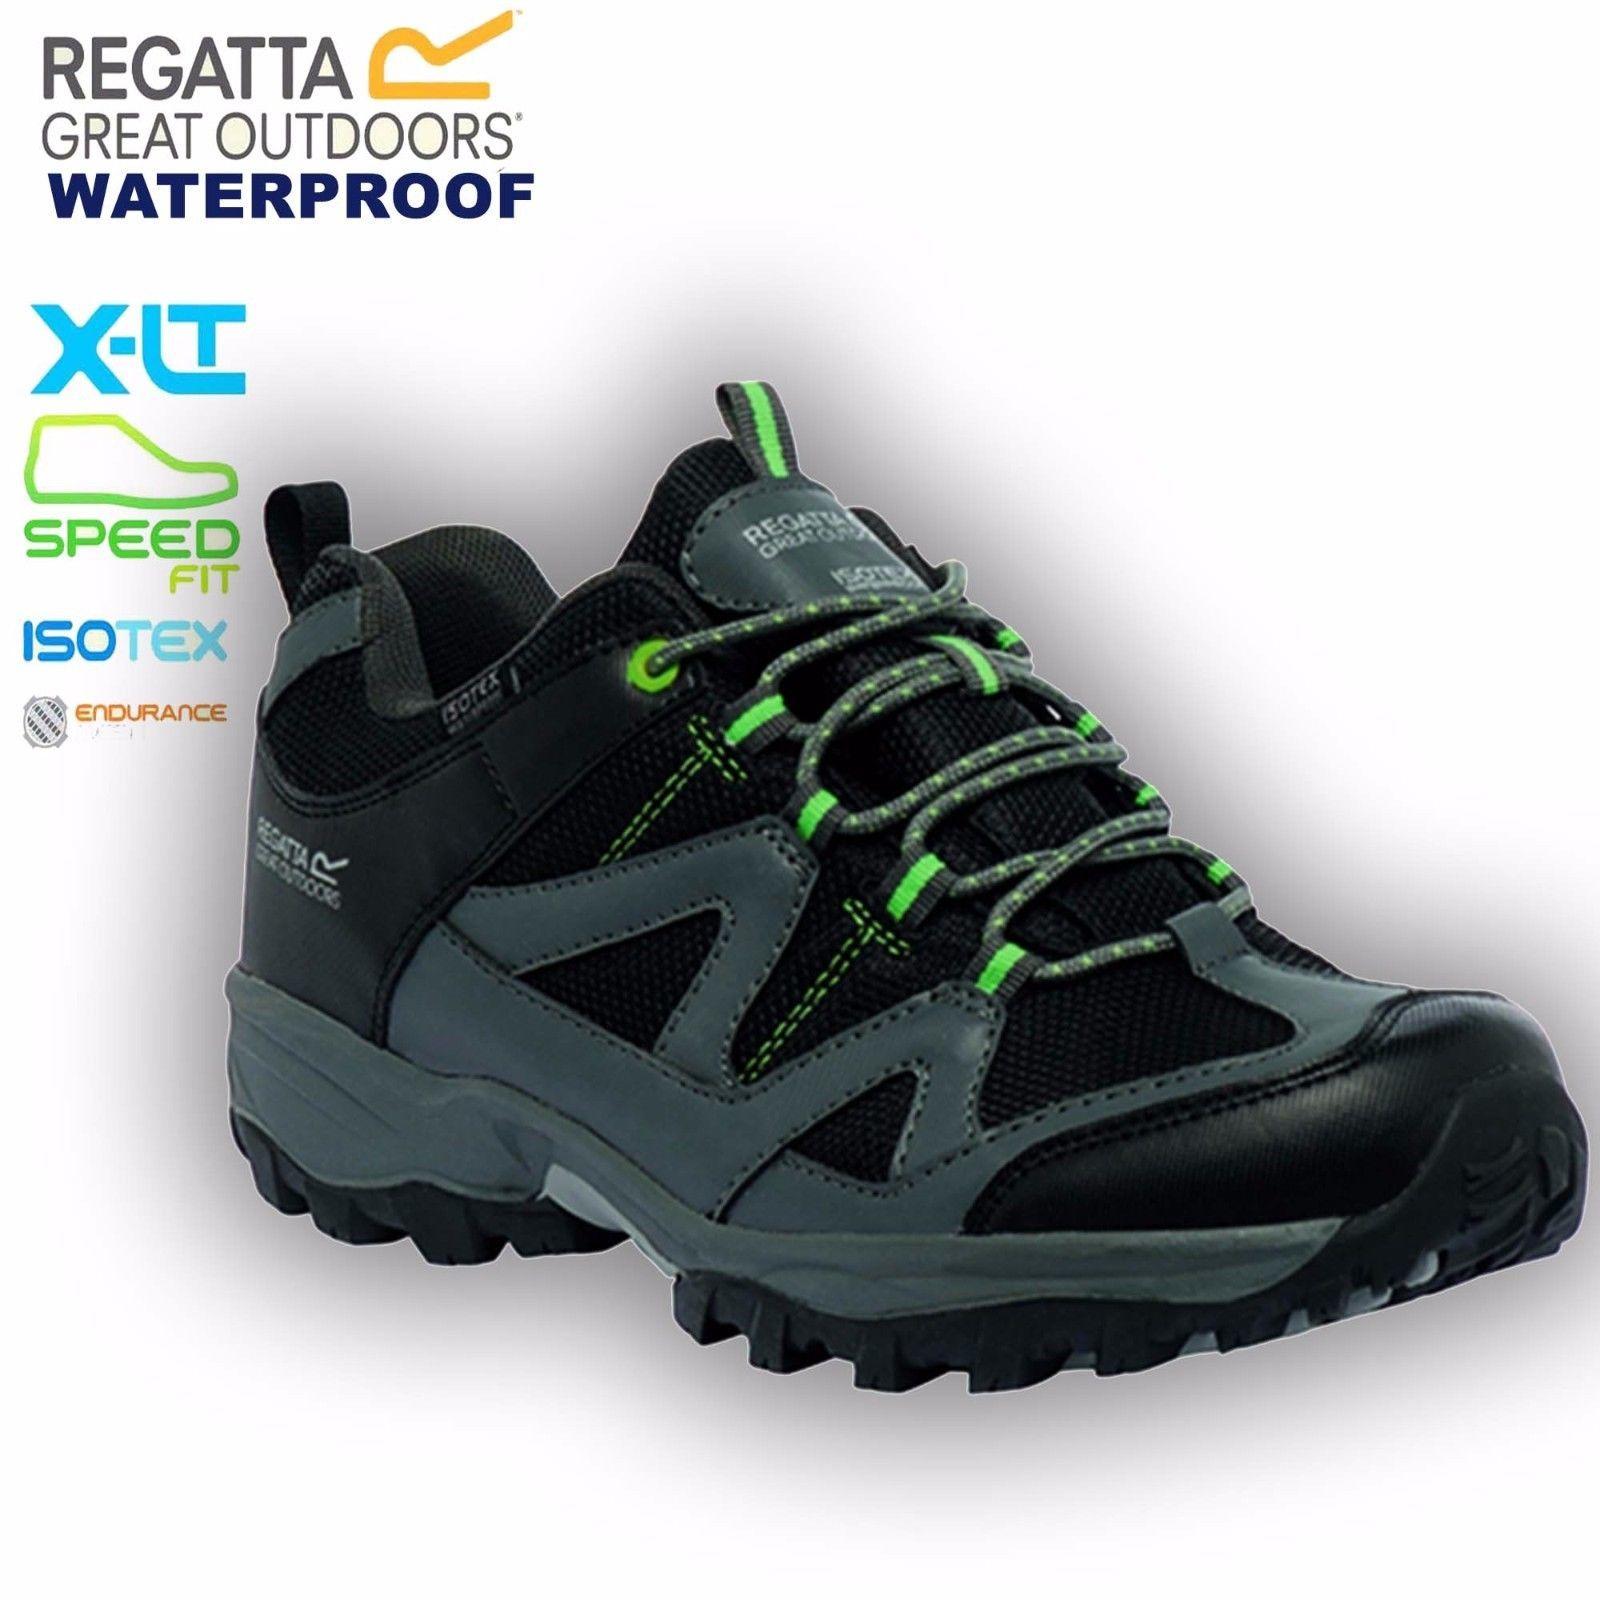 Regatta Zapato Caminar Bota Hombre Gatlin and 50 similar items